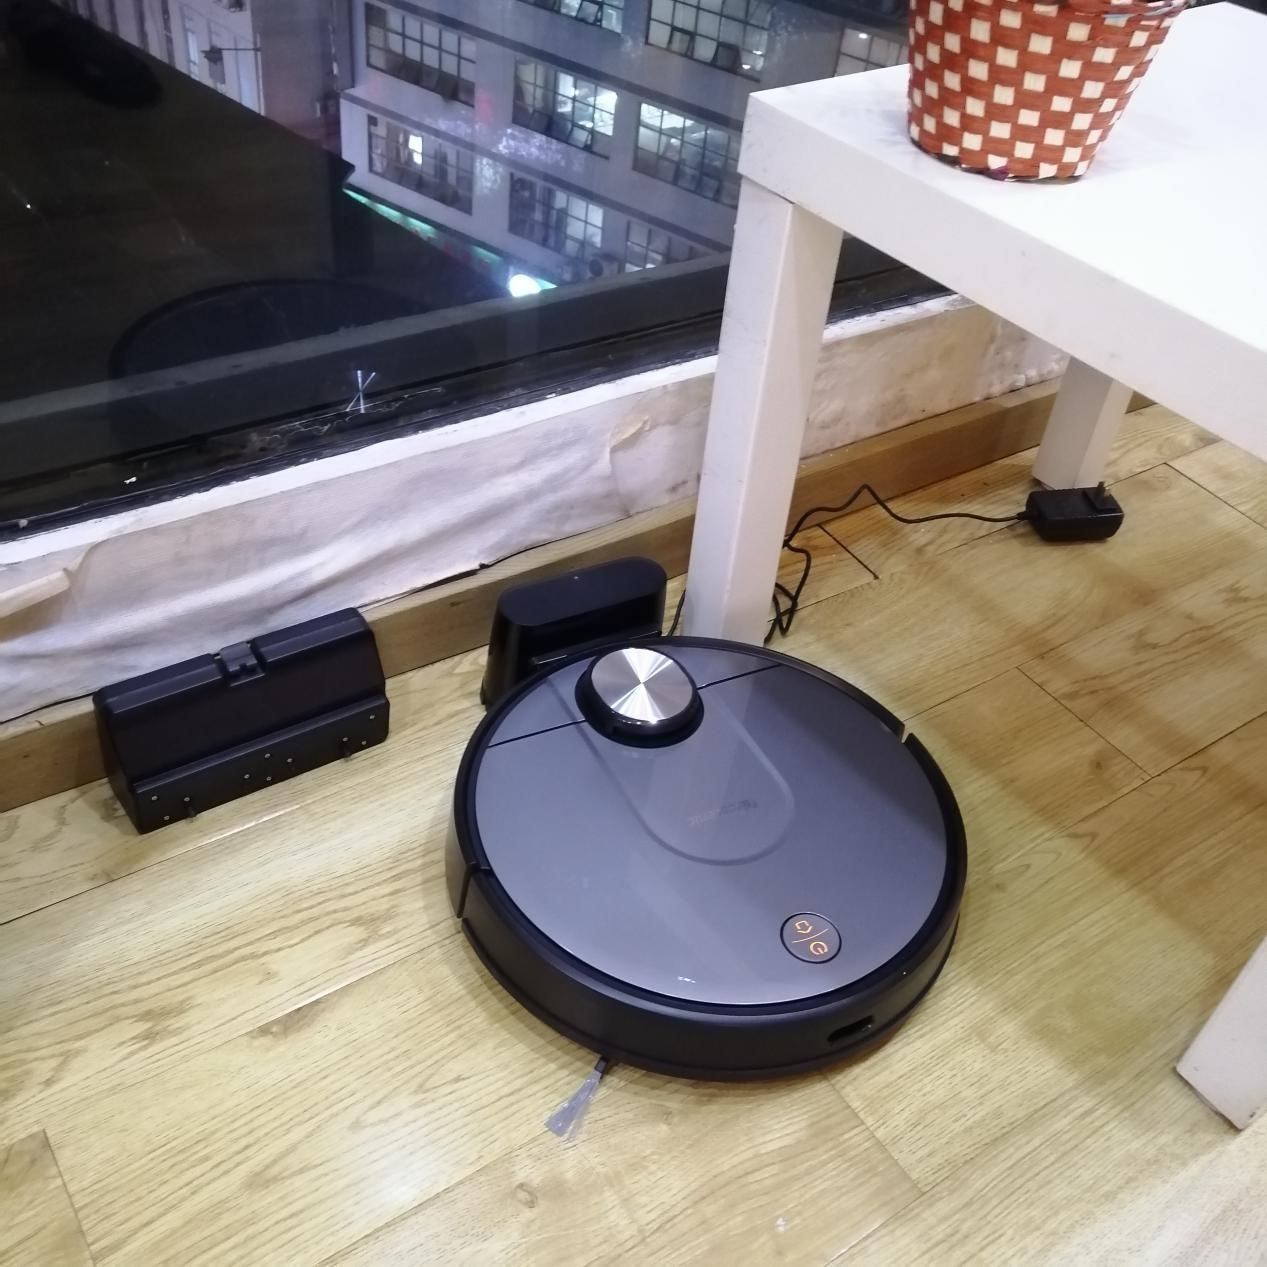 能智能规划清扫的扫地机器人,哪个更好呢?